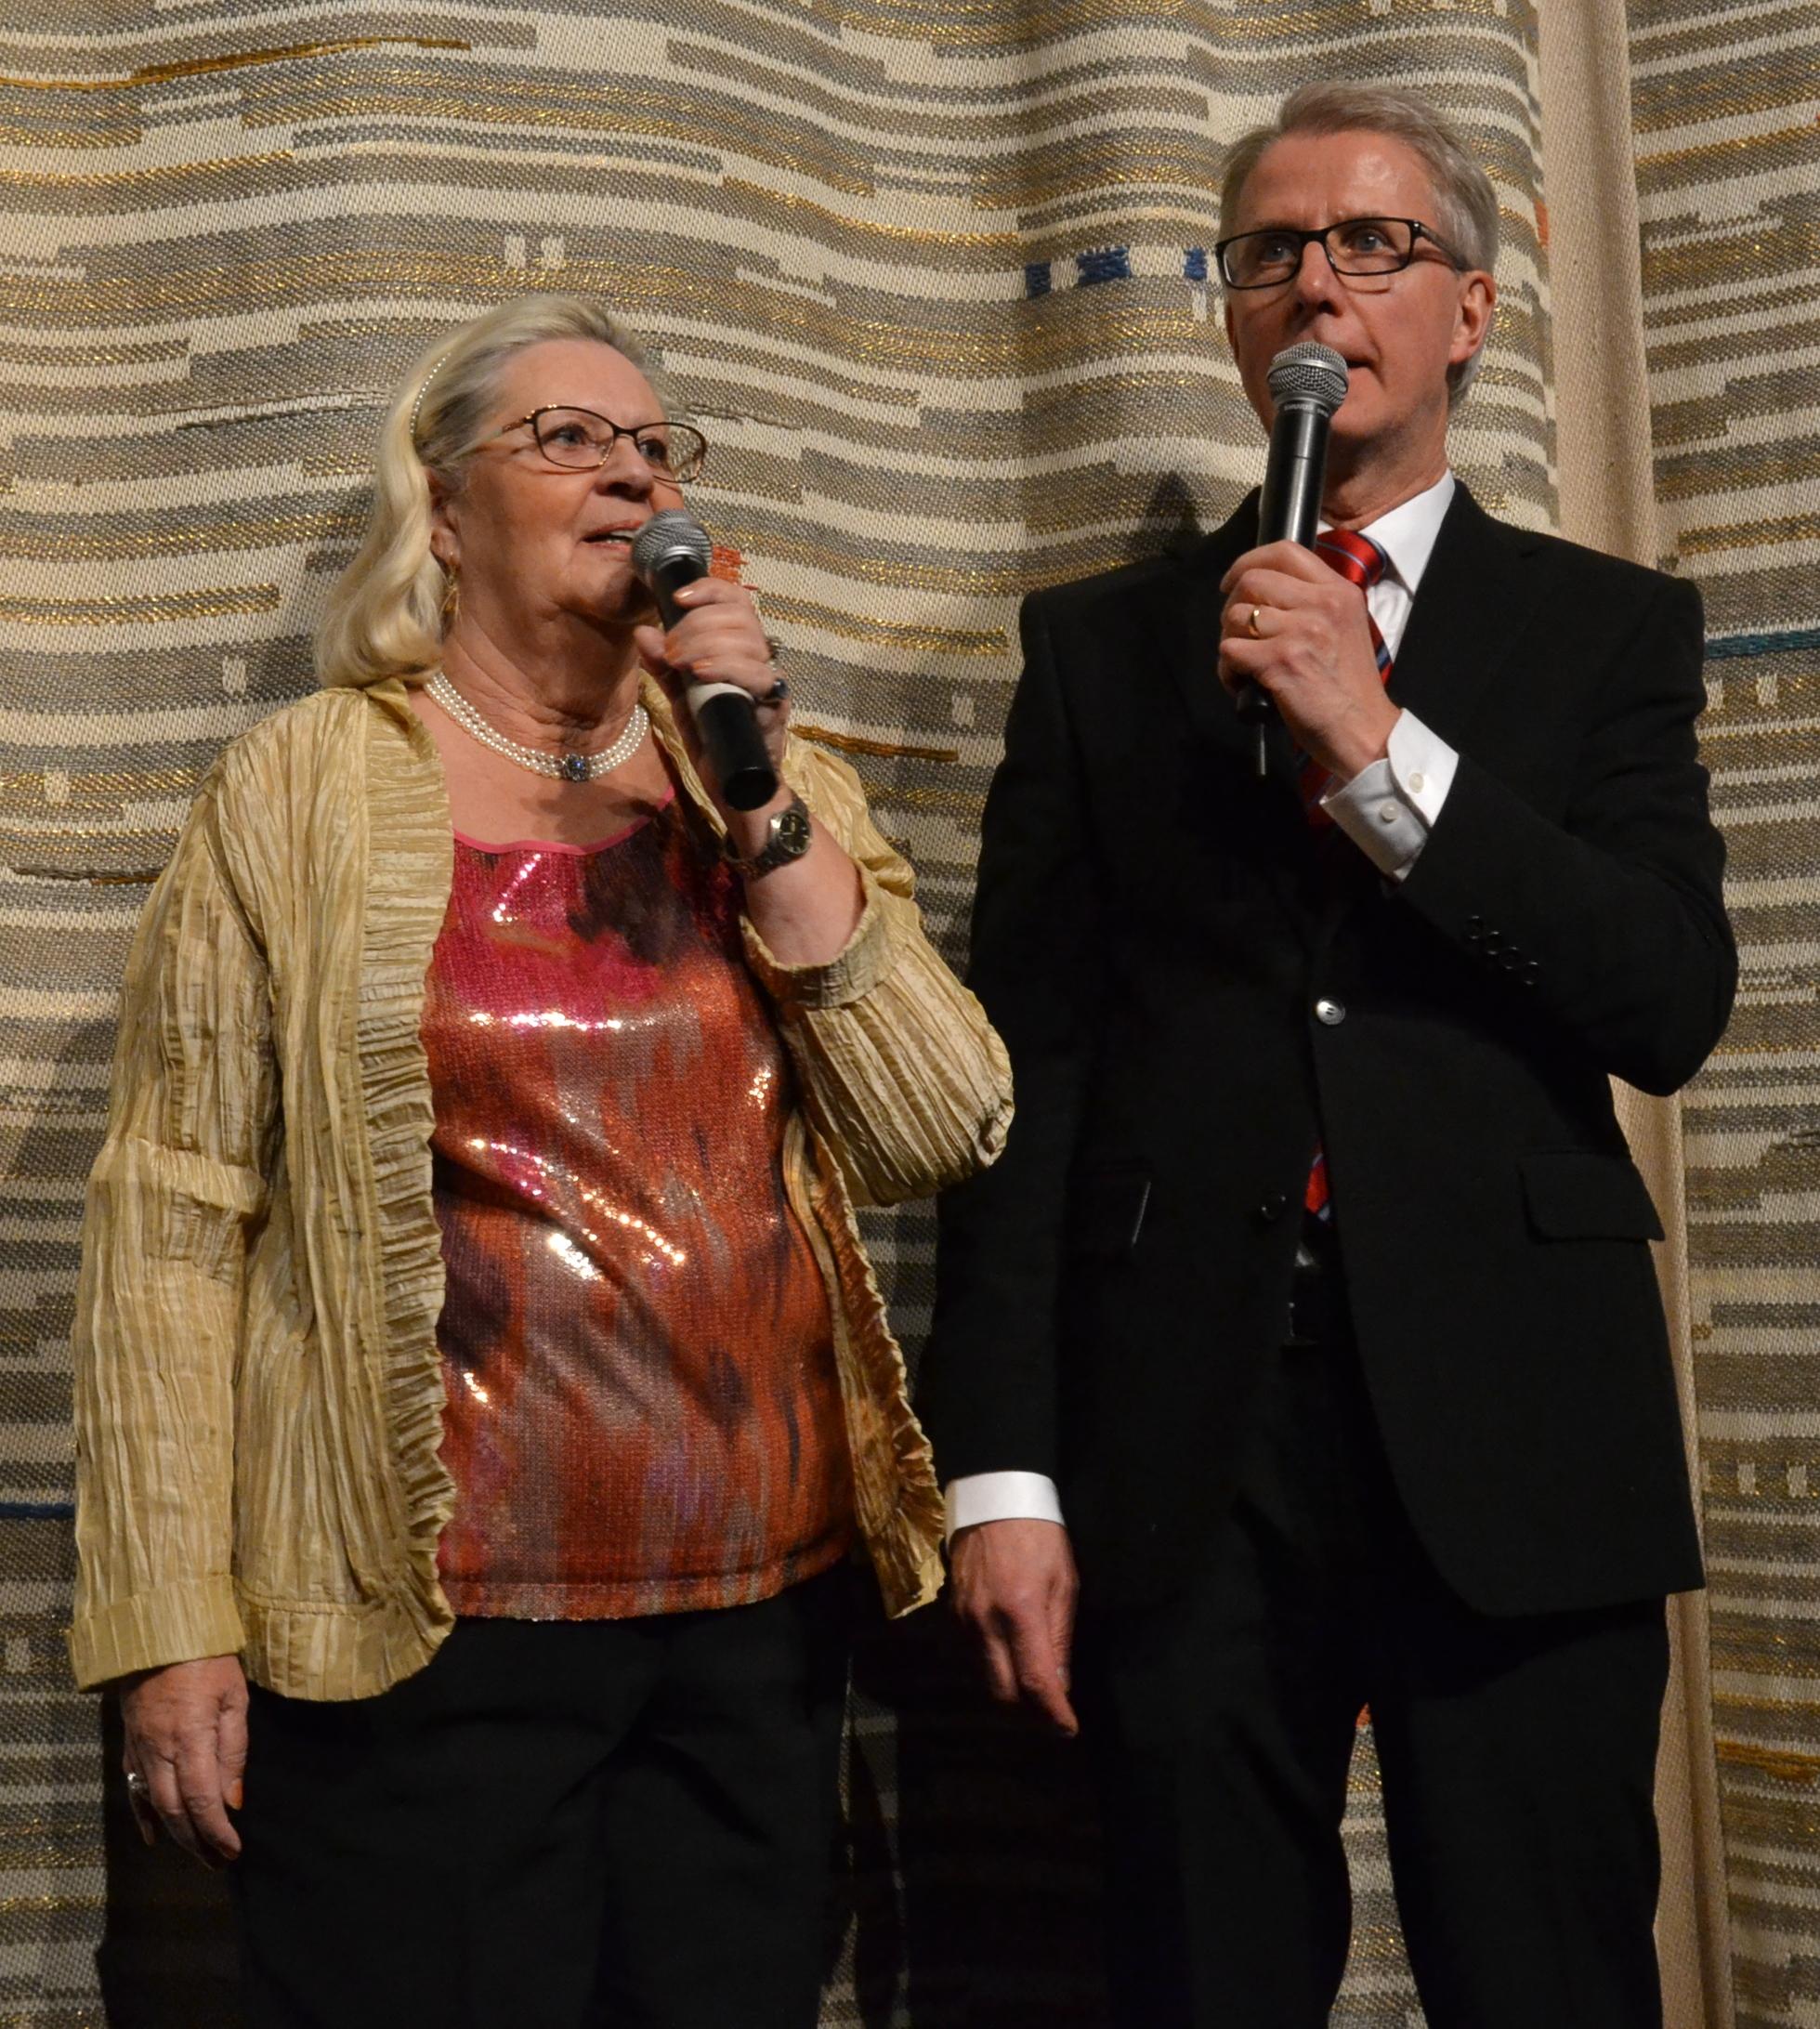 Lena Jularbo-Brauner och Håkan Pettersson programvärdar under konserten.